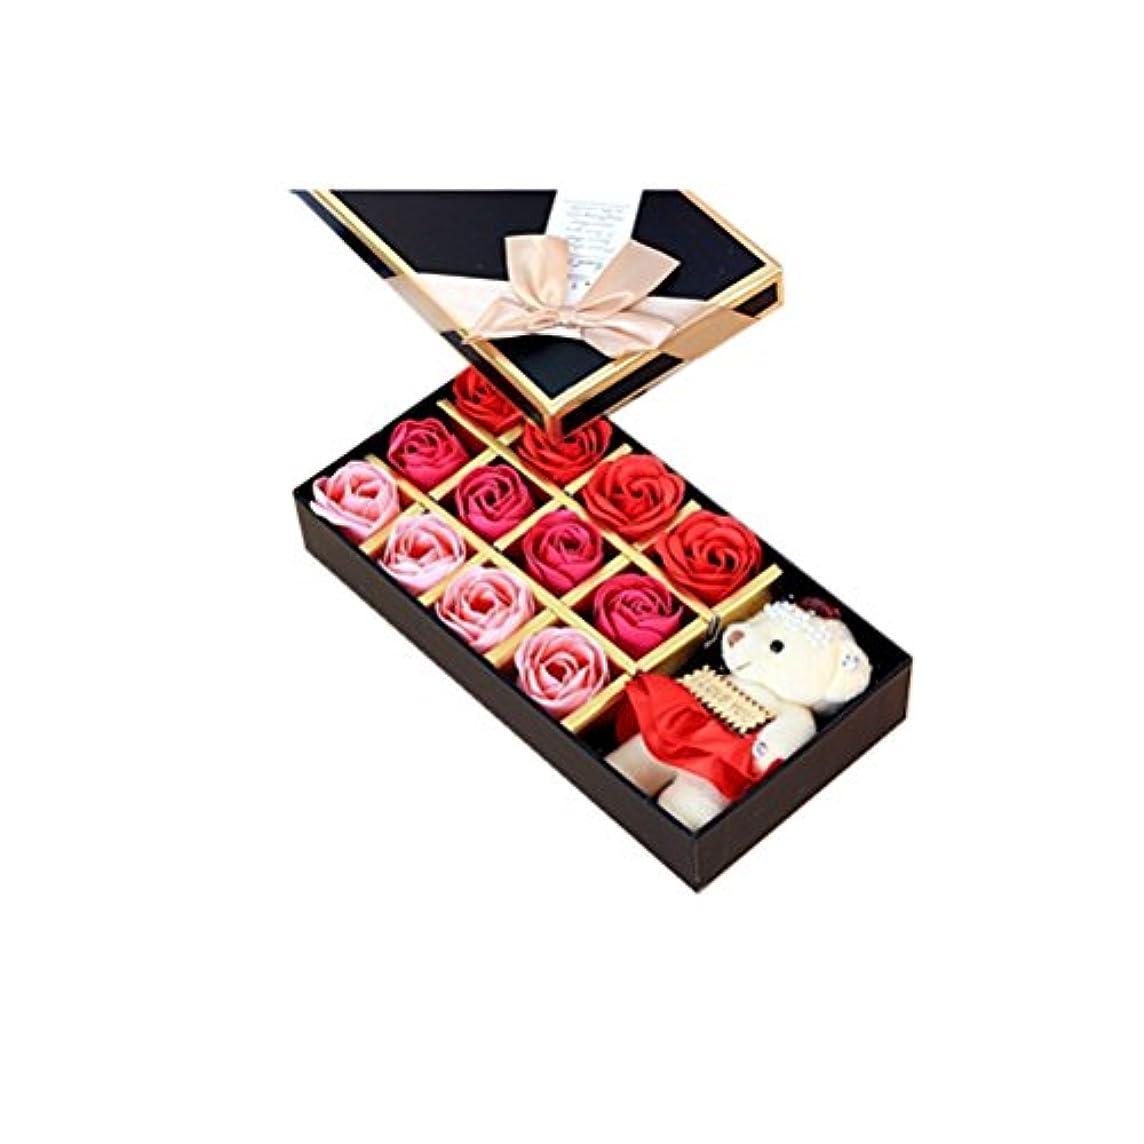 祝う手首協力的ROSENICE 香り バラの花 お風呂 石鹸 ギフトボックス (赤)